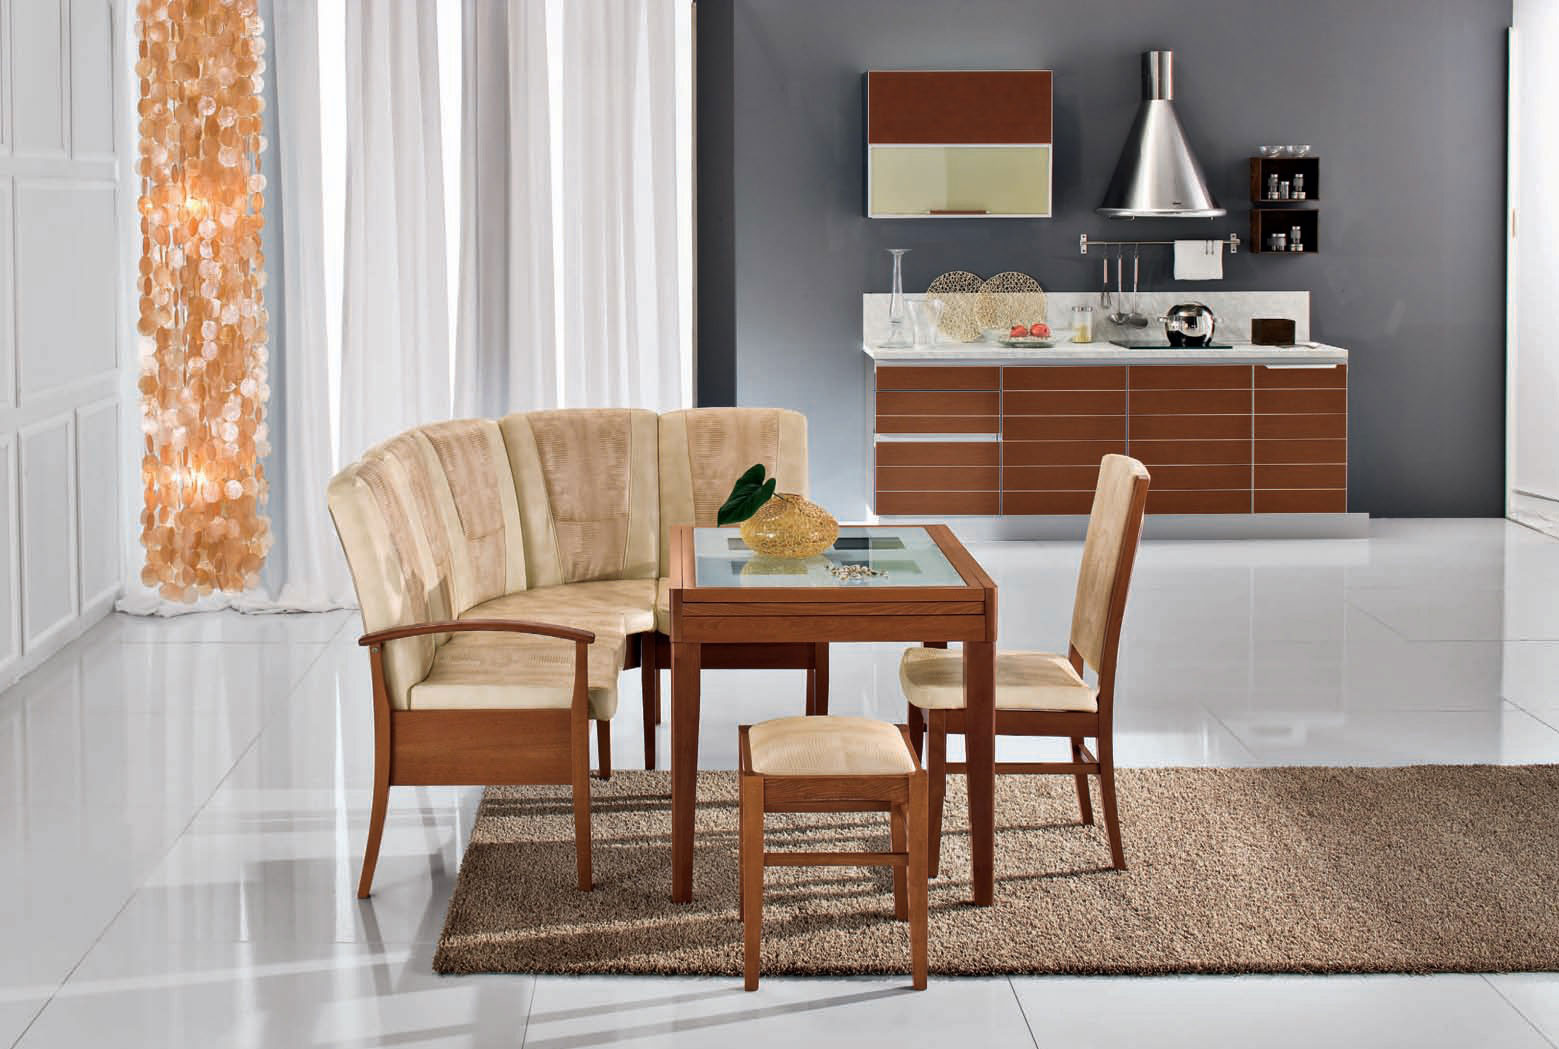 Кухонные диваны для маленькой кухни — фото примеров и советы по выбору